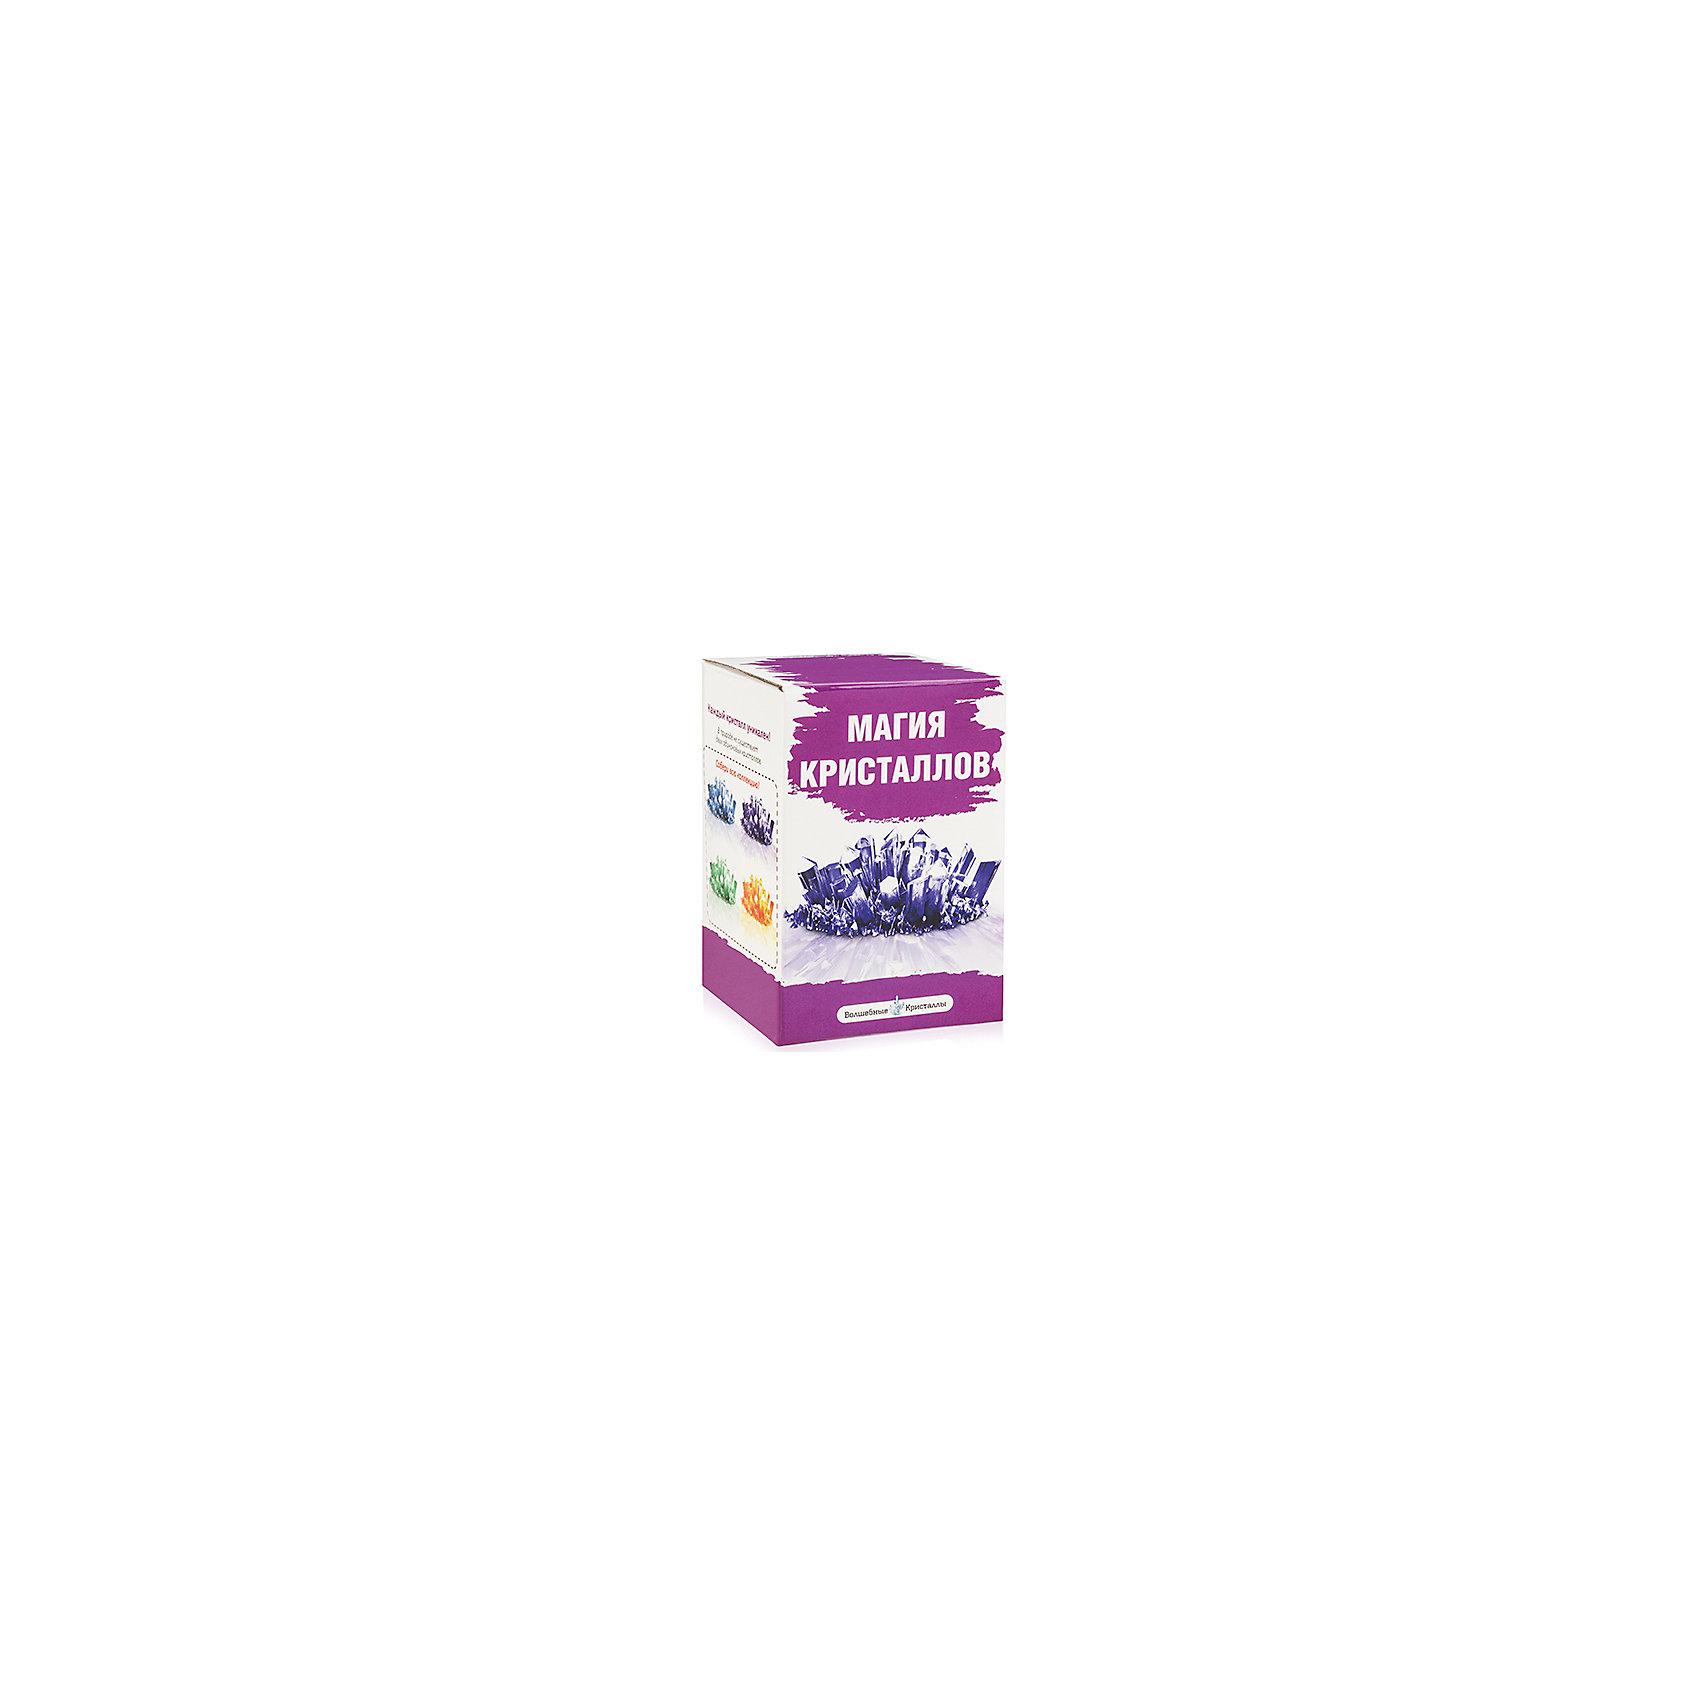 Набор для выращивания кристаллов Фиолетовый, Магия кристалловНабор для выращивания кристаллов Фиолетовый, Магия кристаллов, Бумбарам<br><br>Характеристики:<br><br>• подходит для первых химических опытов<br>• прост в применении<br>• яркие цвета<br>• развивает внимательность и усидчивость<br>• в комплекте: баночка, специальный порошок, таблетка-основа, ложка, перчатки<br>• размер: 8х8х12 см<br>• вес: 115 грамм<br><br>Если ваш ребенок начал интересоваться химическими опытами, то его обязательно порадует набор для выращивания кристаллов Фиолетовый, Магия кристаллов. С его помощью ребенок с легкостью сможет провести интересный опыт и вырастить фиолетовый кристалл, который украсит его комнату. В комплекте есть пошаговая инструкция, благодаря которой процесс создания станет легким и увлекательным. Кристаллы начинают появляться уже через несколько минут, а спустя некоторое время вы сможете насладиться прекрасным сиянием готового шедевра!<br><br>Набор для выращивания кристаллов Фиолетовый, Магия кристаллов, Бумбарам вы можете купить в нашем интернет-магазине.<br><br>Ширина мм: 120<br>Глубина мм: 80<br>Высота мм: 80<br>Вес г: 115<br>Возраст от месяцев: 72<br>Возраст до месяцев: 108<br>Пол: Унисекс<br>Возраст: Детский<br>SKU: 5124680